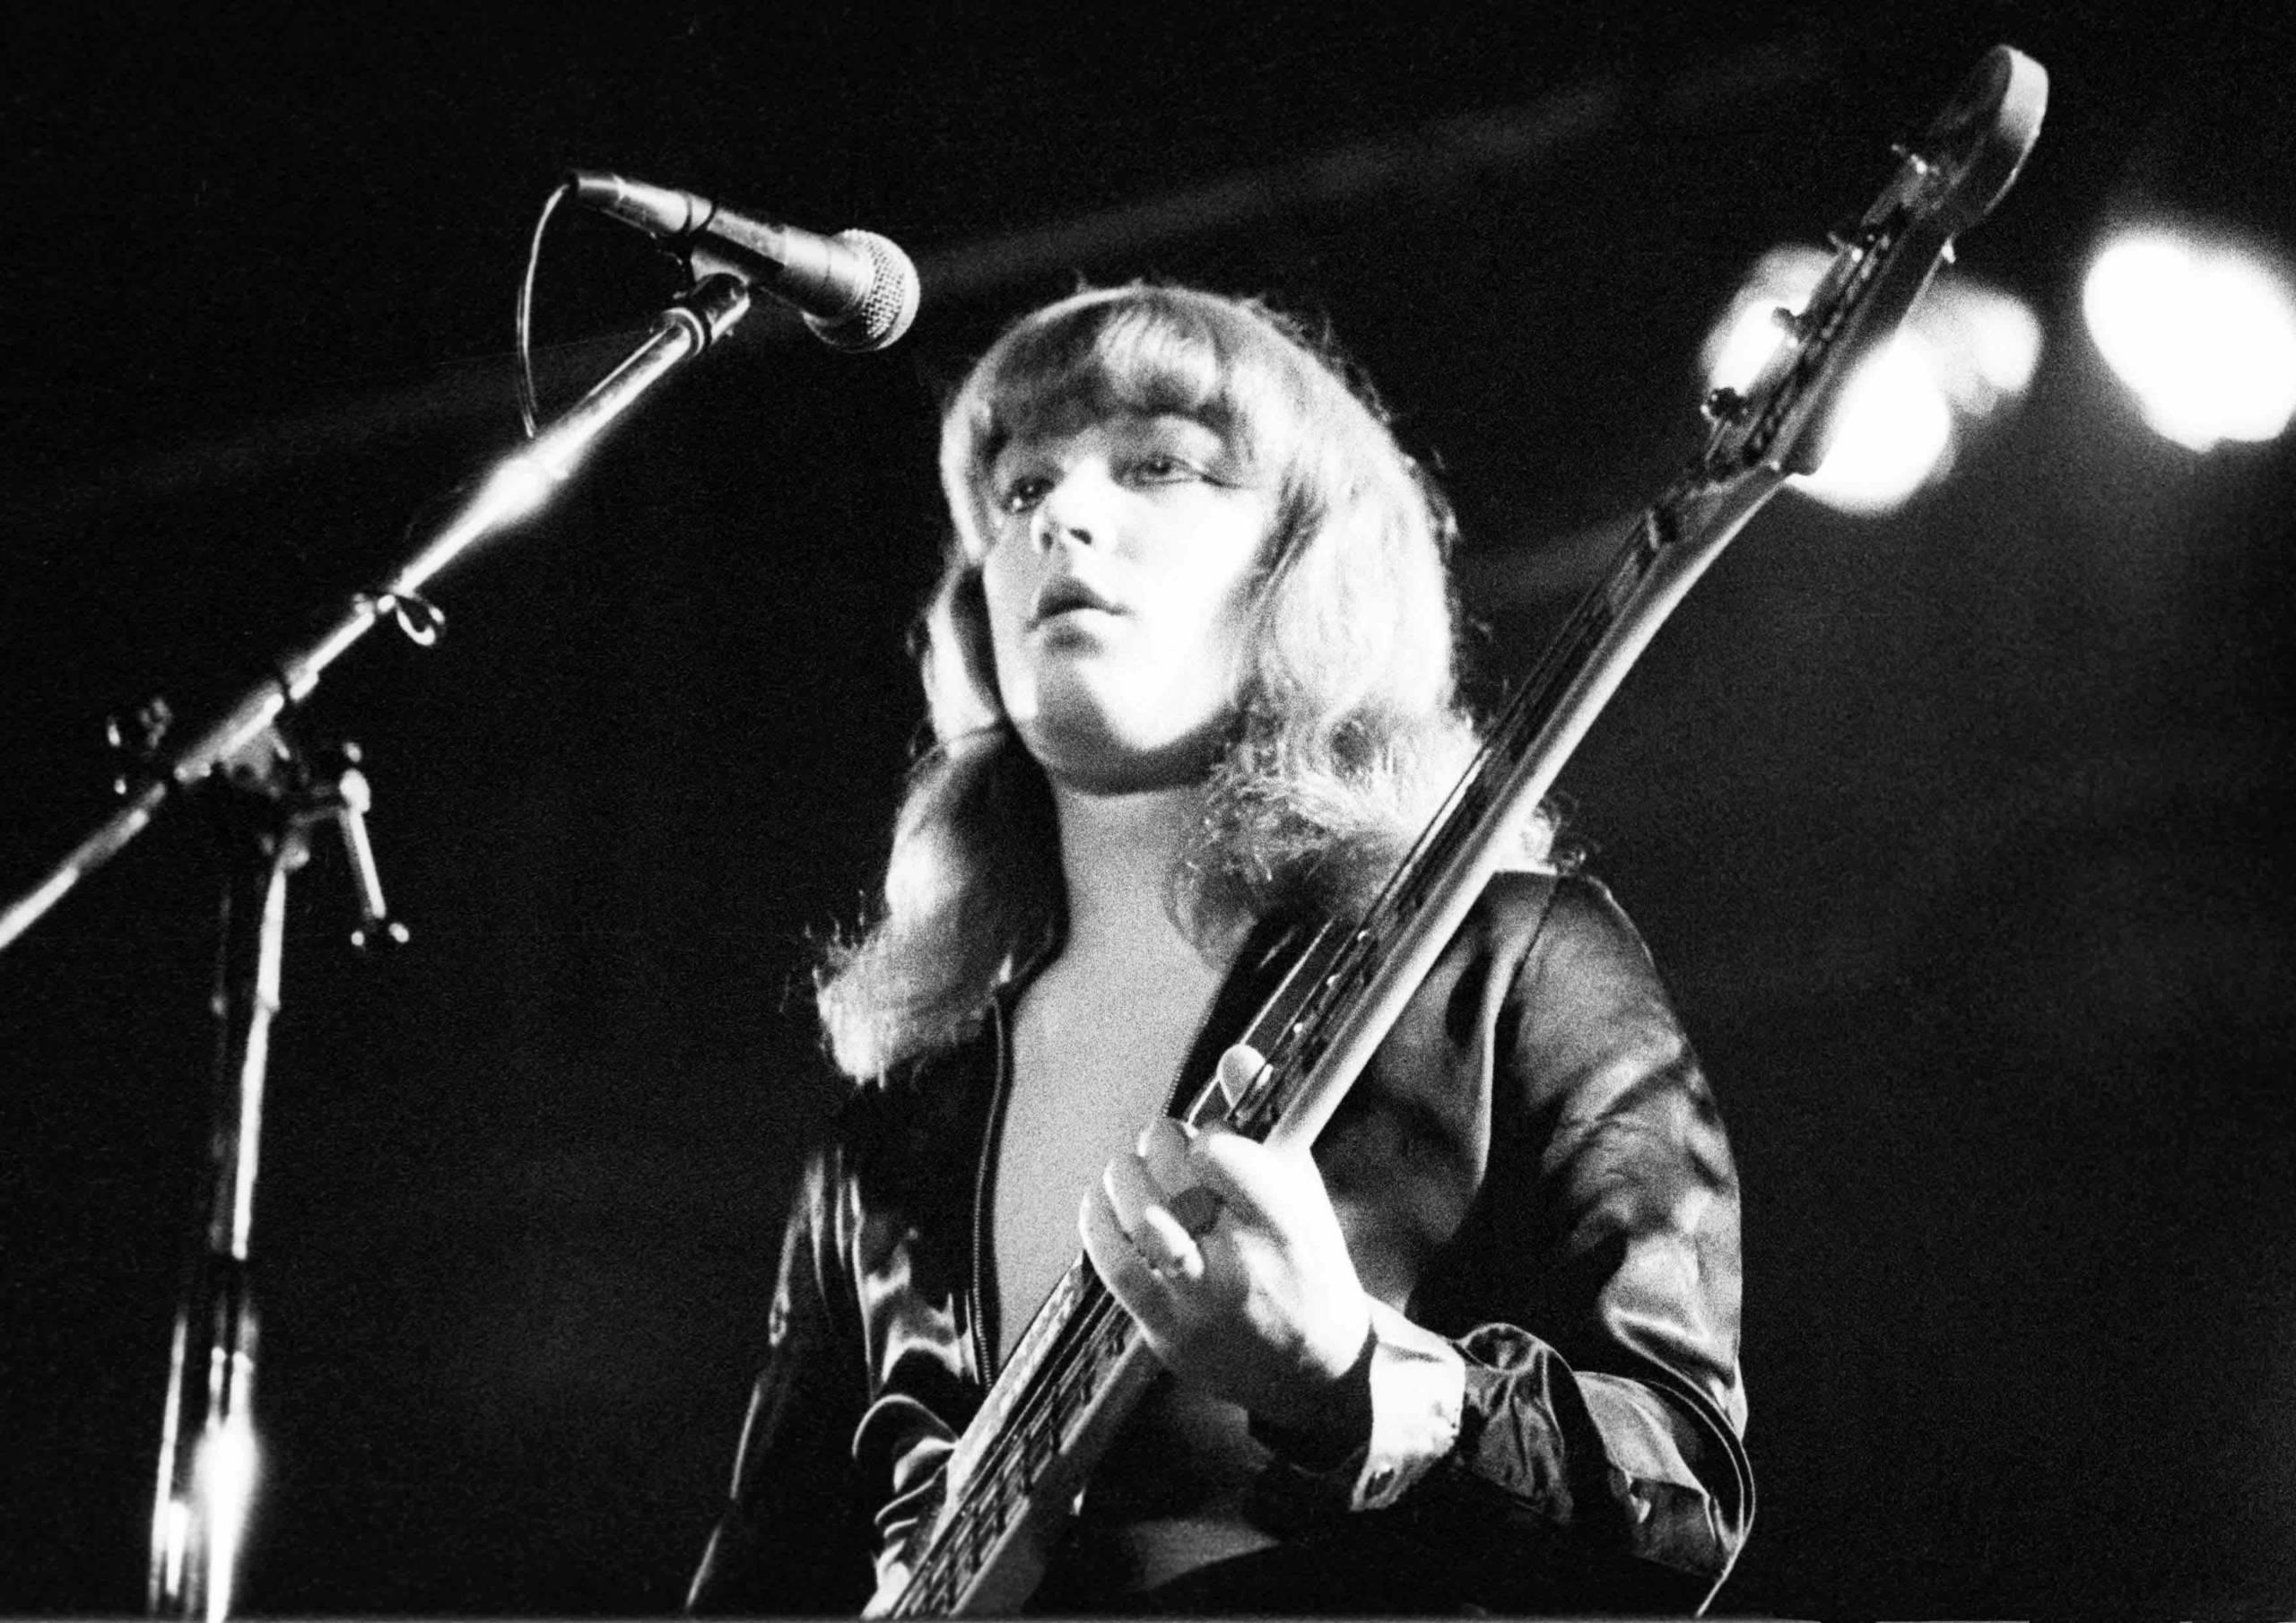 Steve Priest, Sweet, 1973